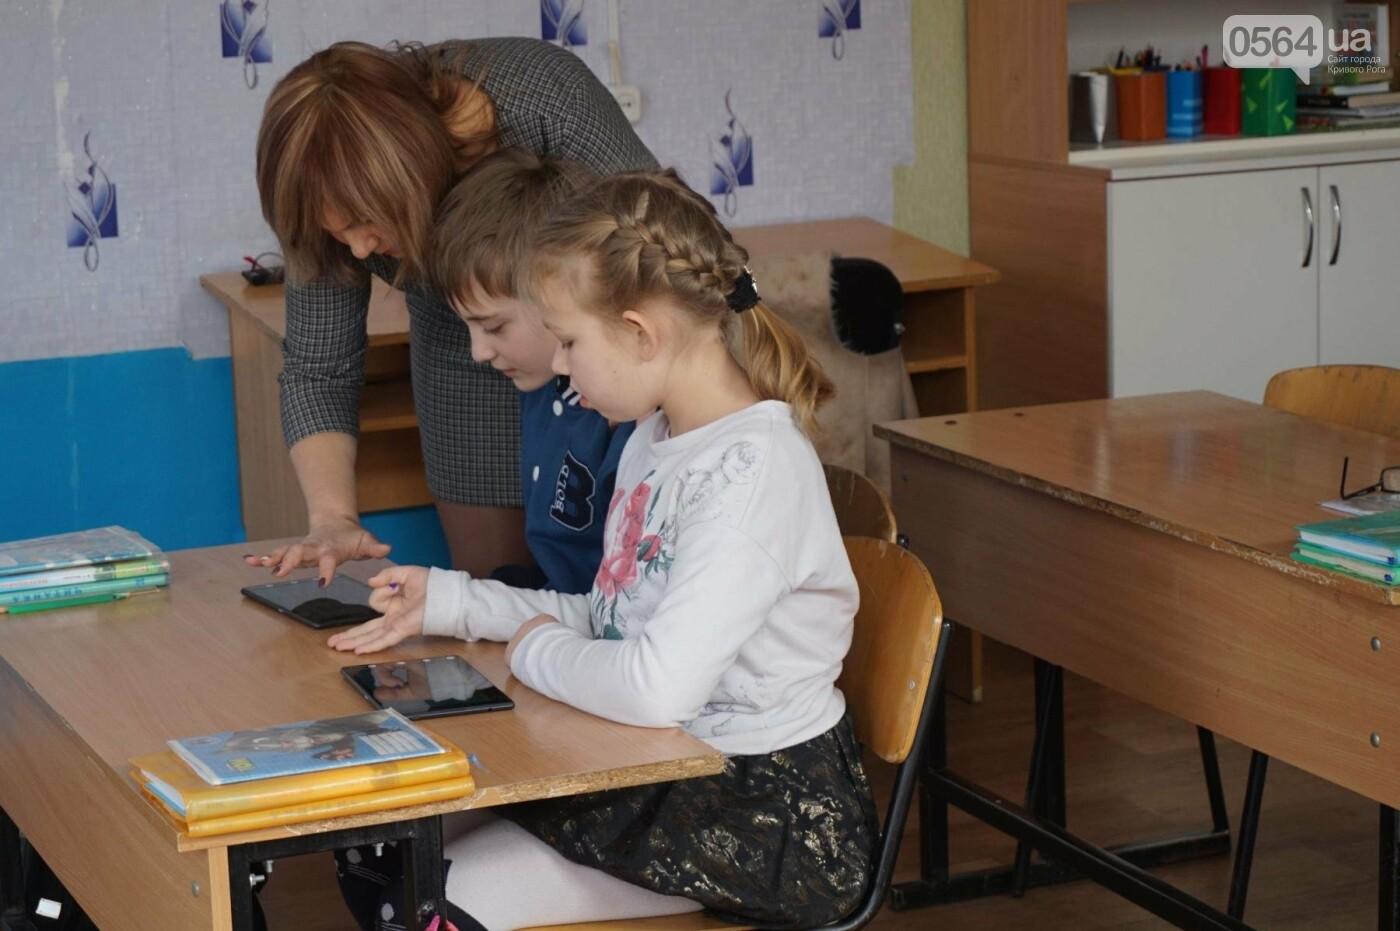 Приближаясь к Европе: Как в школах Кривого Рога внедряют инклюзию (ФОТО), фото-12